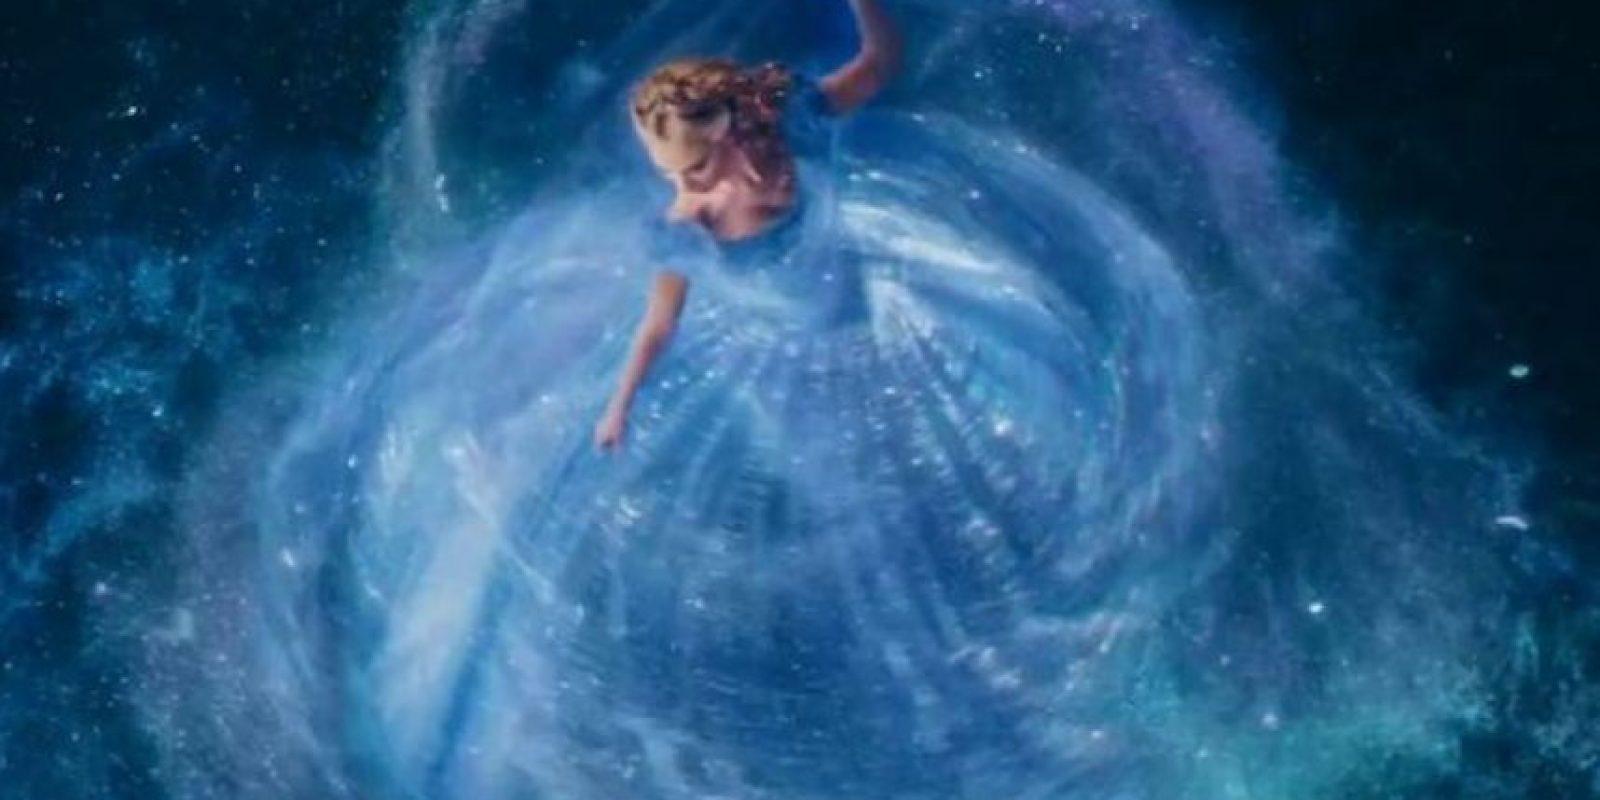 La parte inferior del vestido está hecha de Yumisima, un material muy caro y fino que flota cuando se tira al aire. Foto:Disney